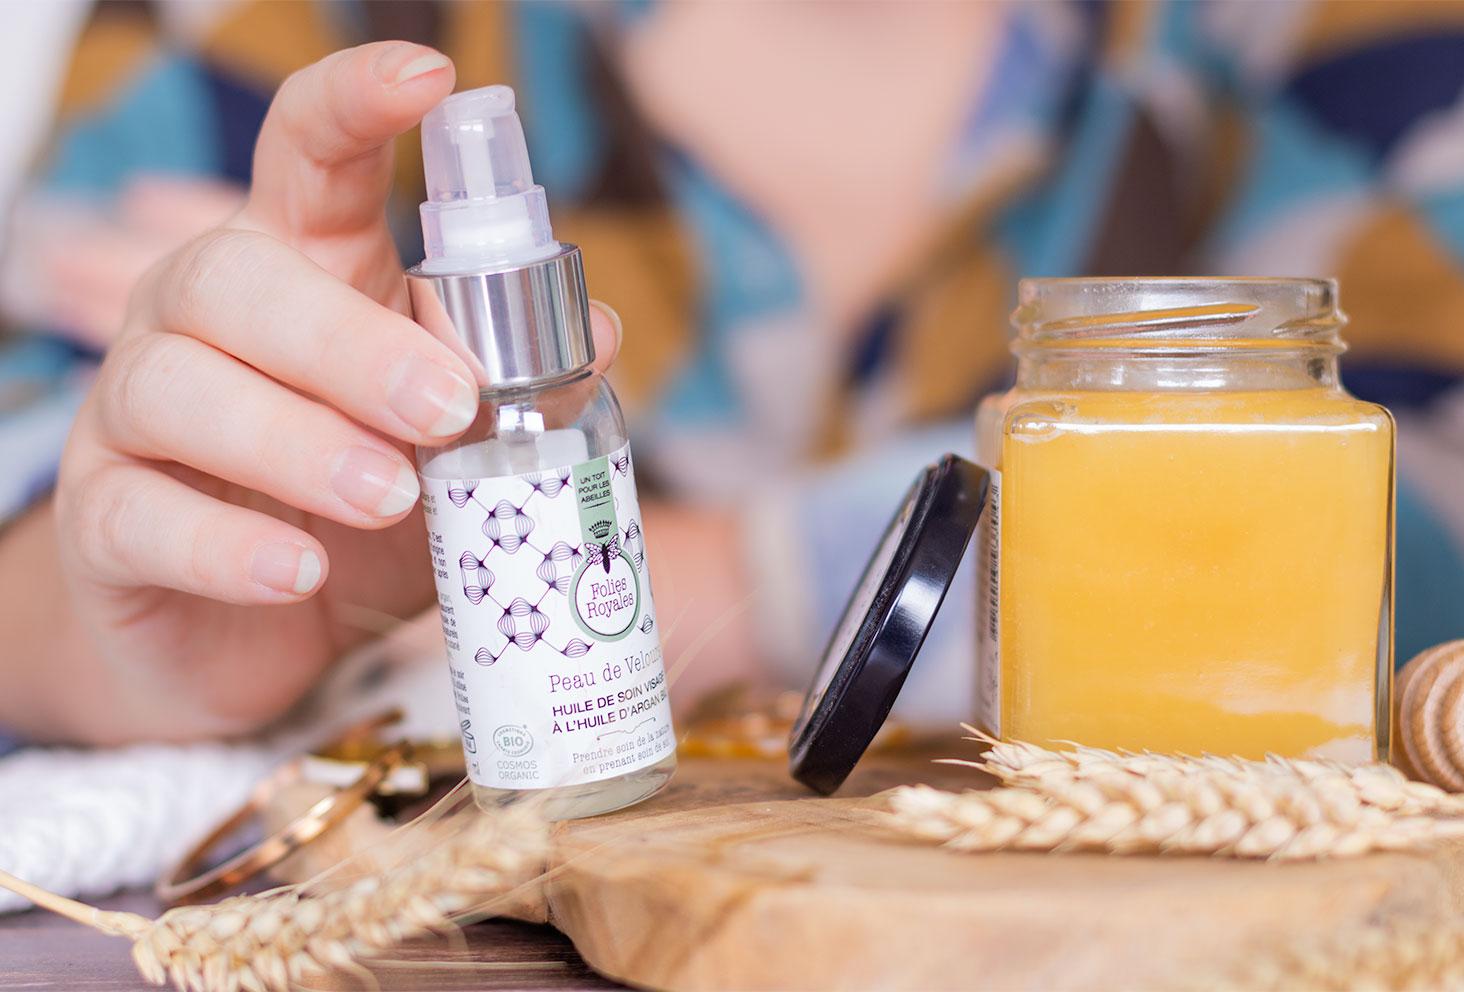 Zoom sur l'huile de soin visage de Folies Royales tenue dans la main à côté d'un pot de miel